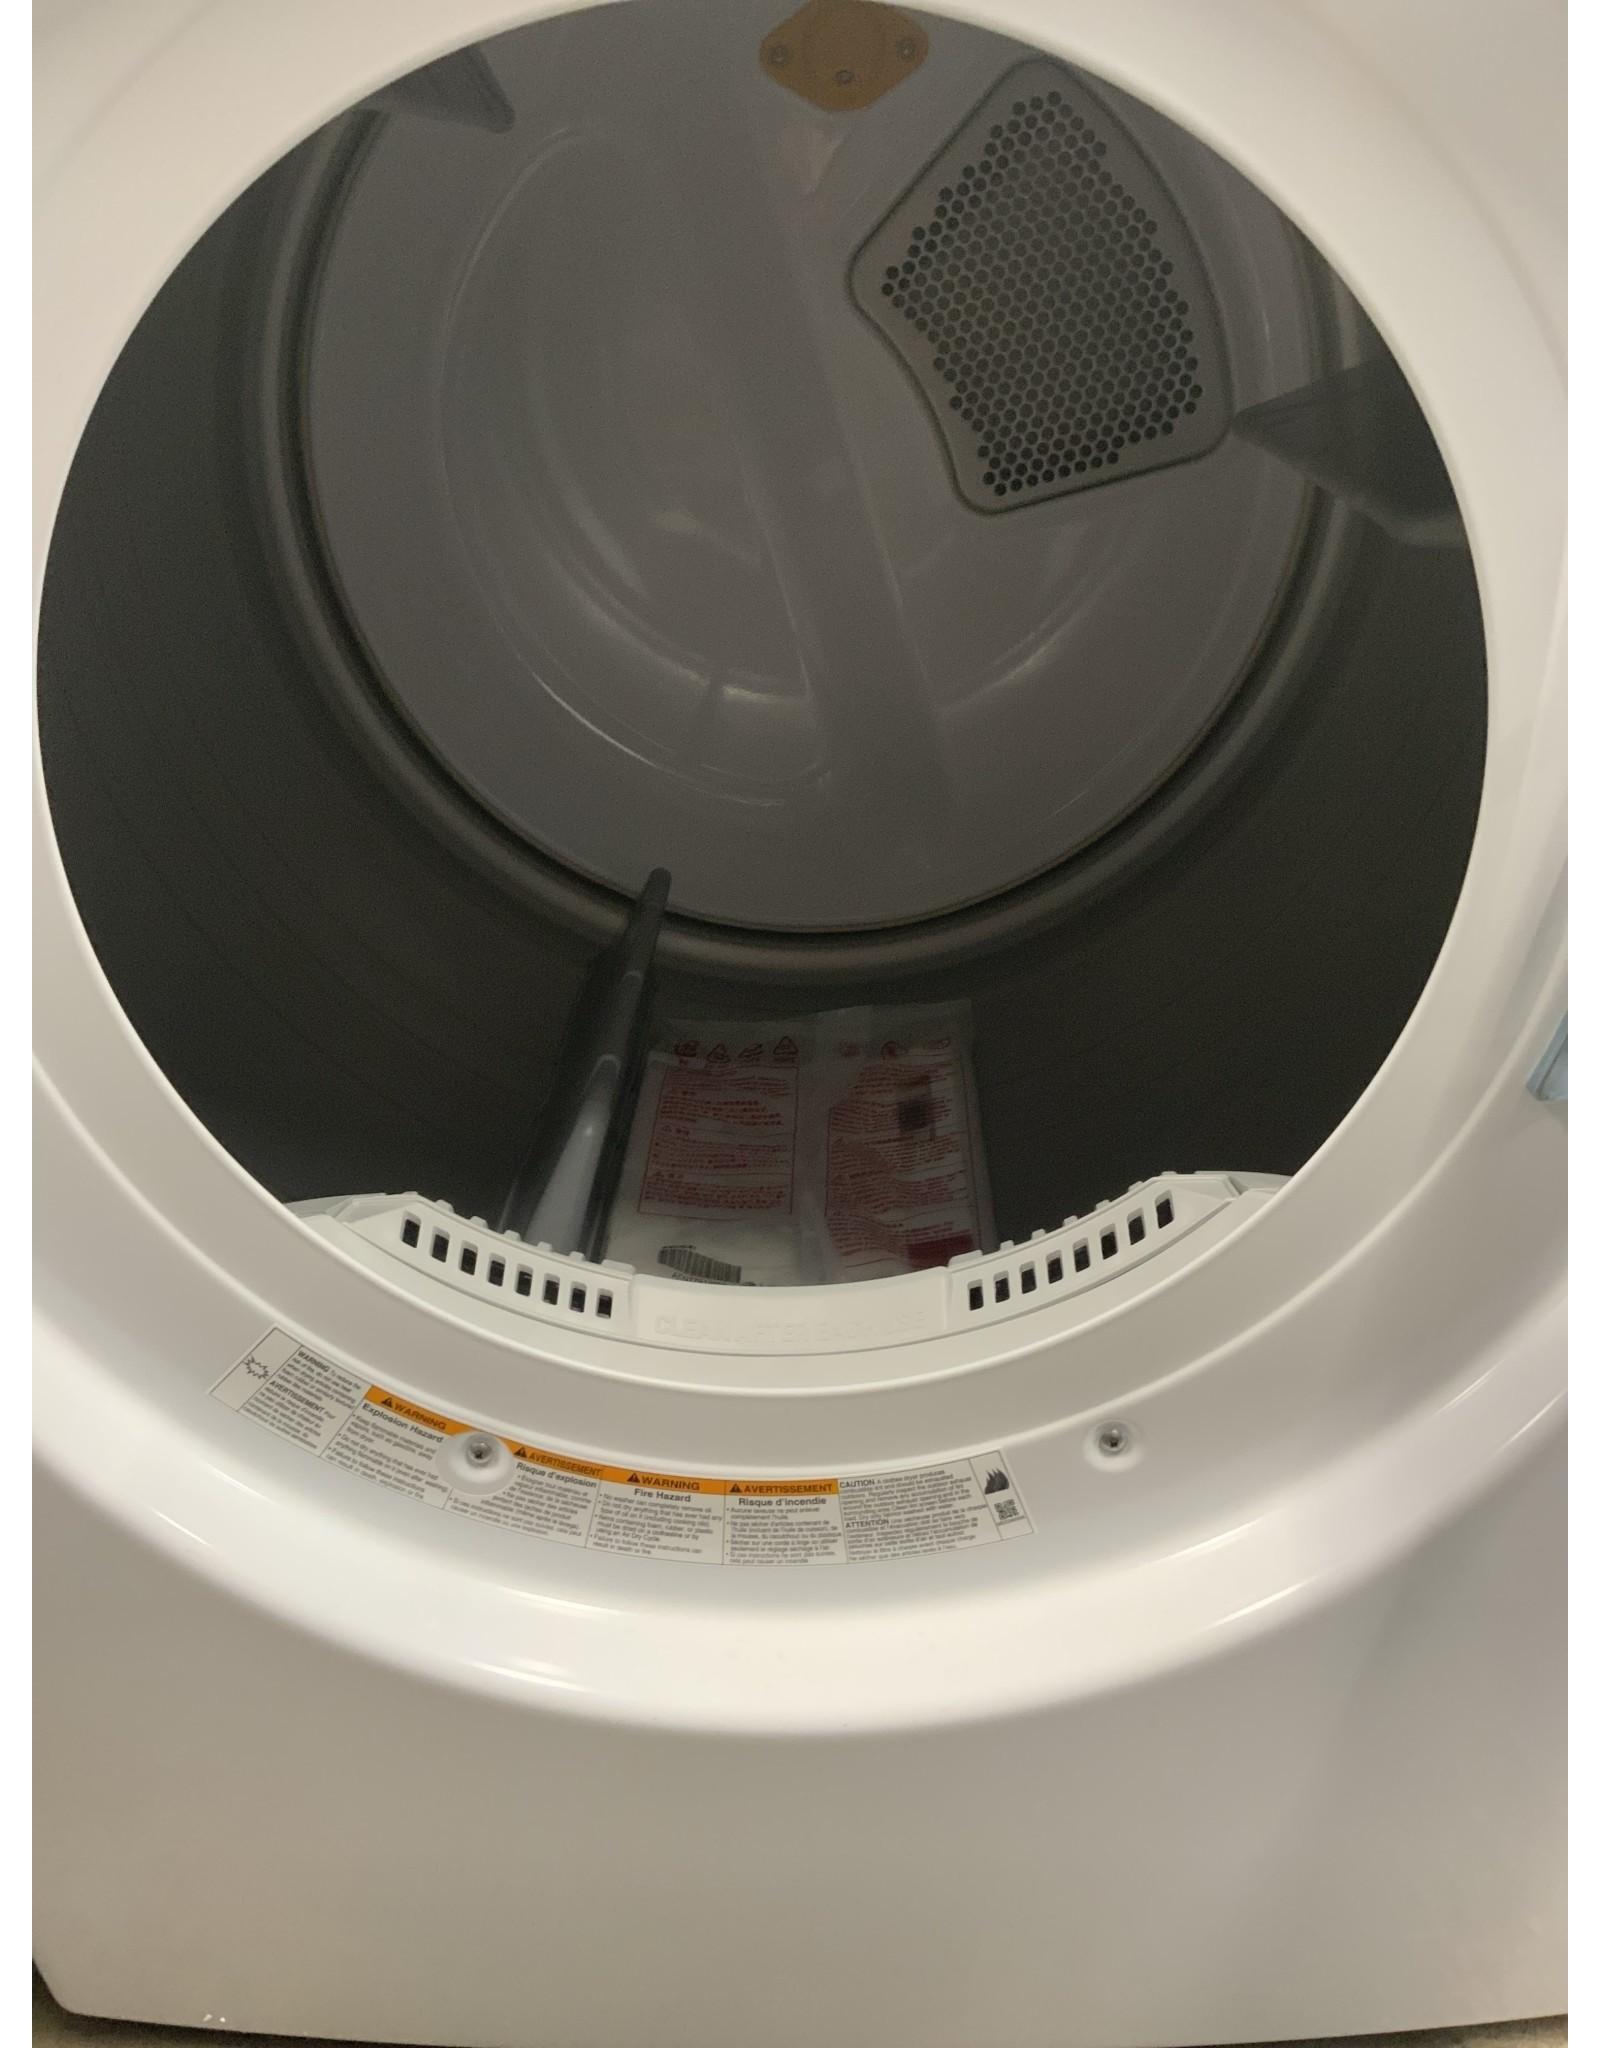 LG DLGX3701W 7.4 CU FT GAS DRYER